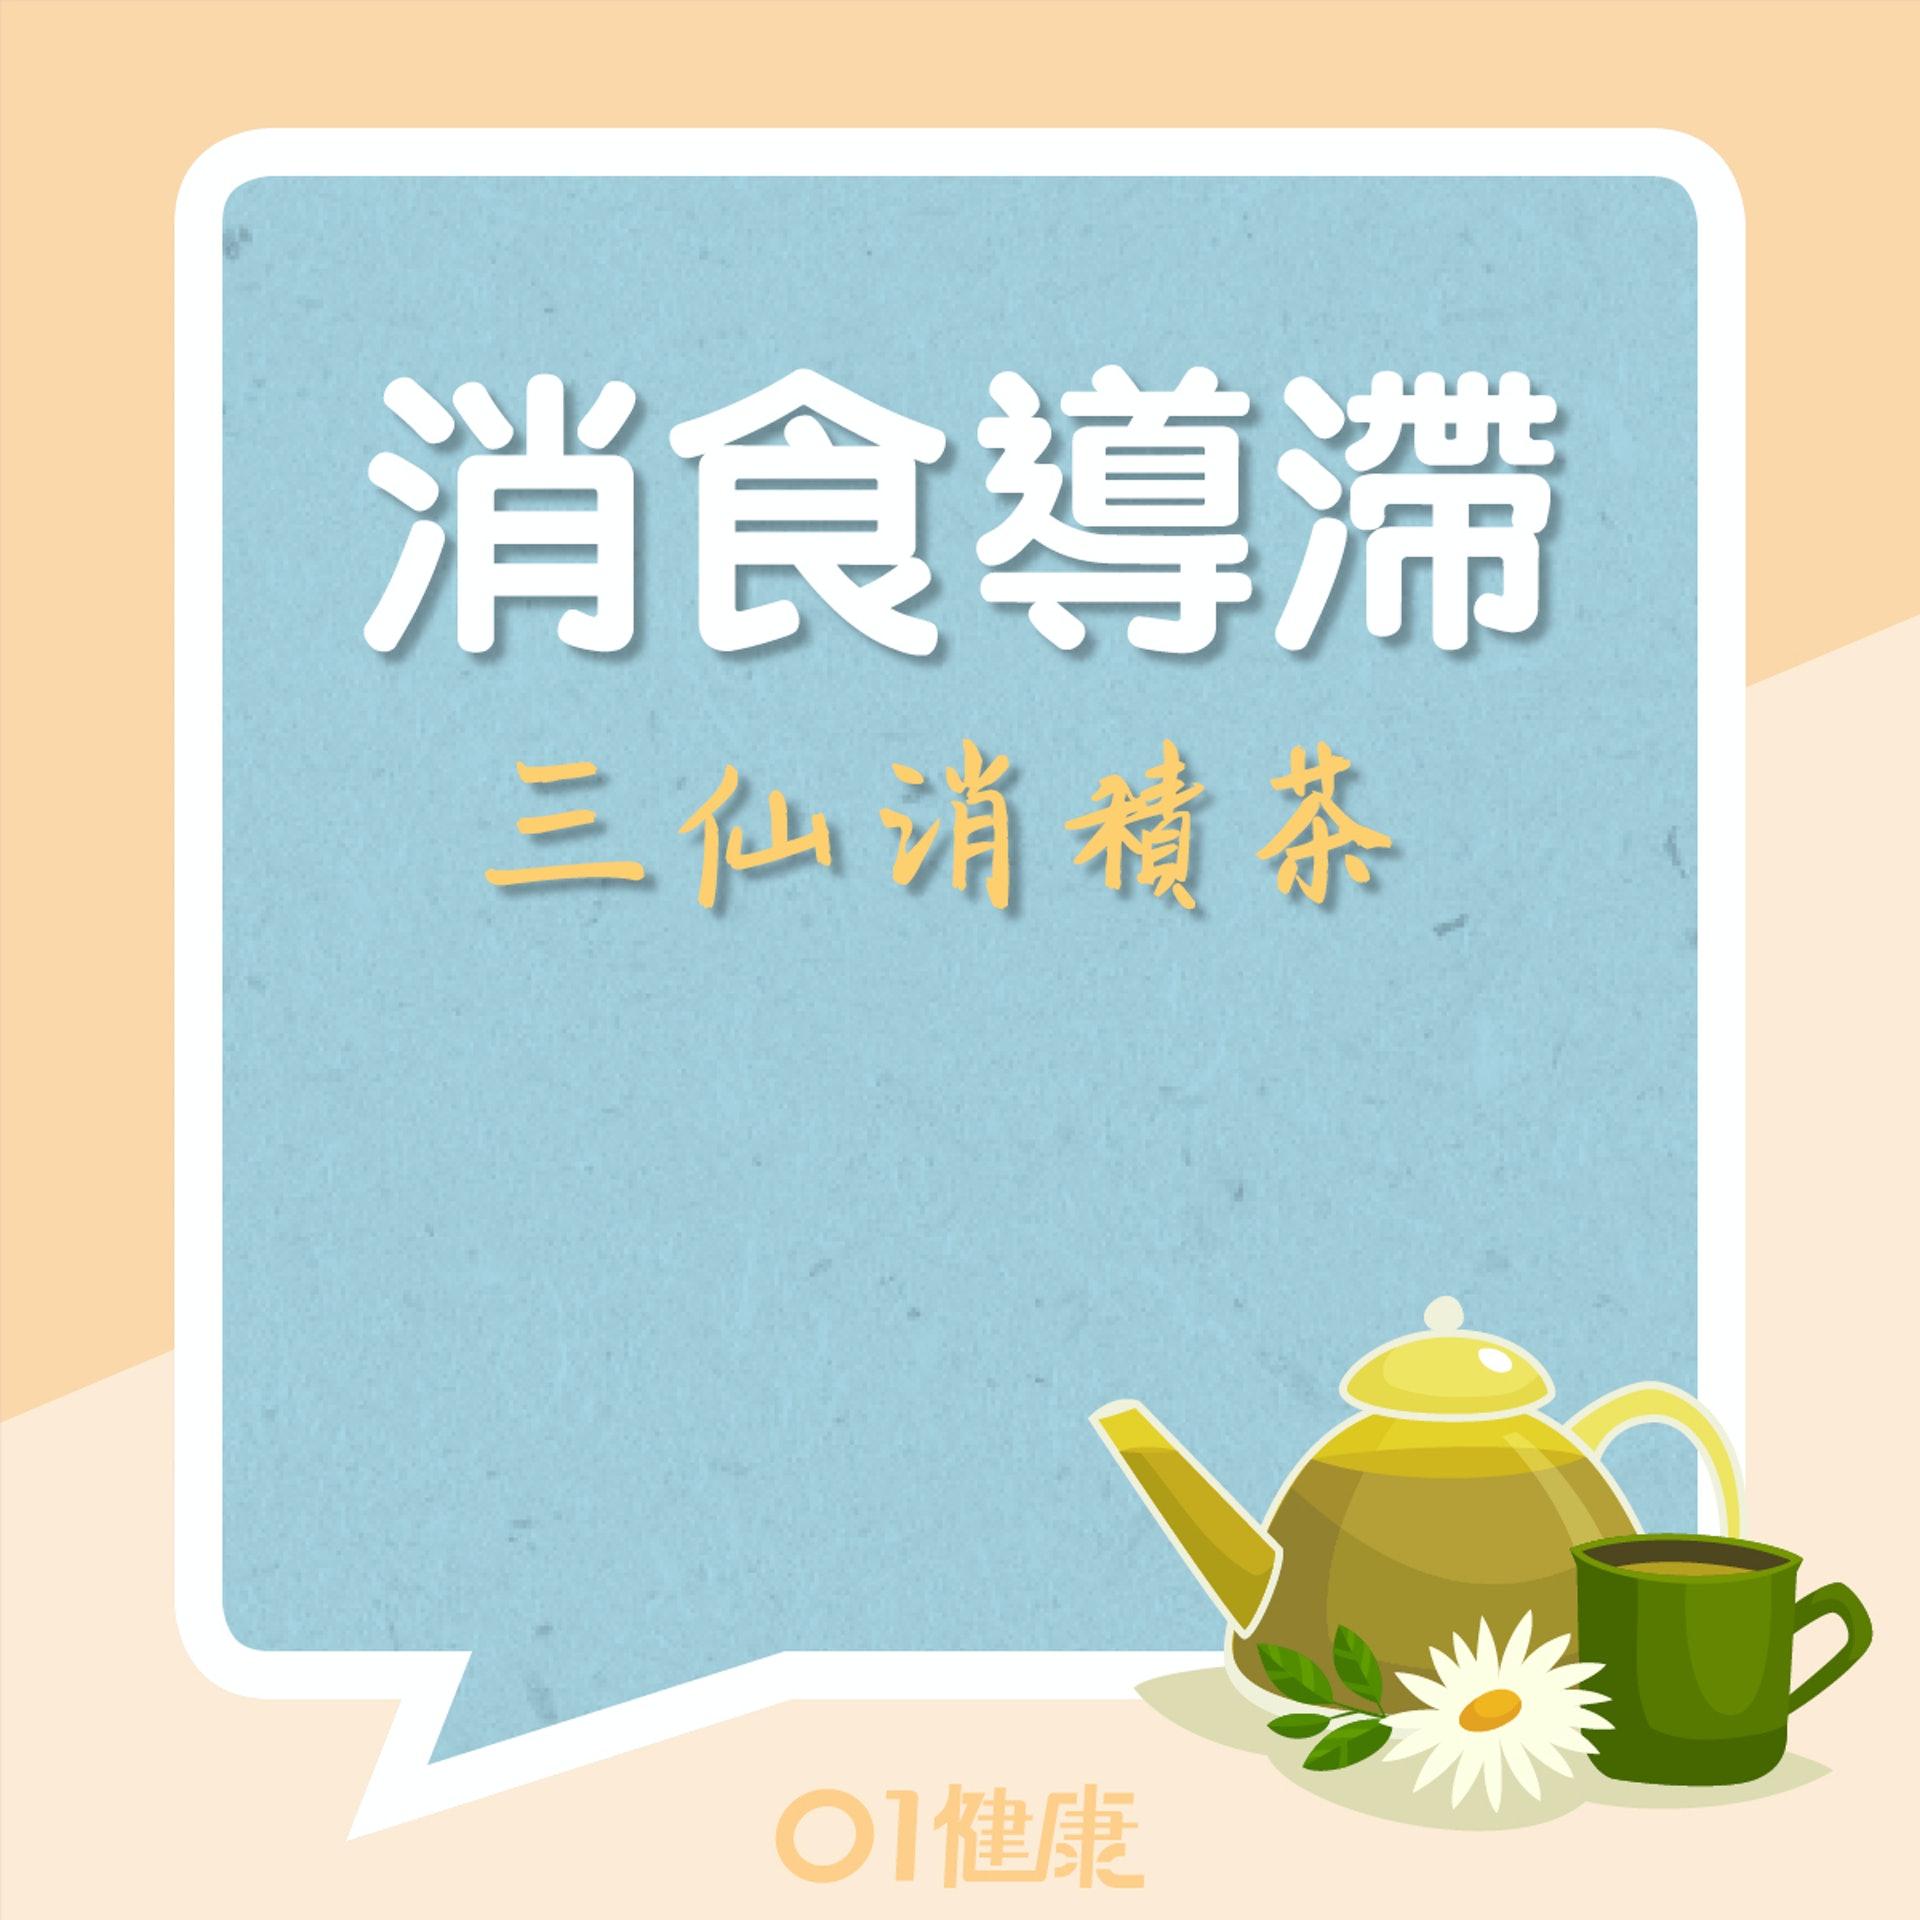 三仙消積茶食譜(01製圖)